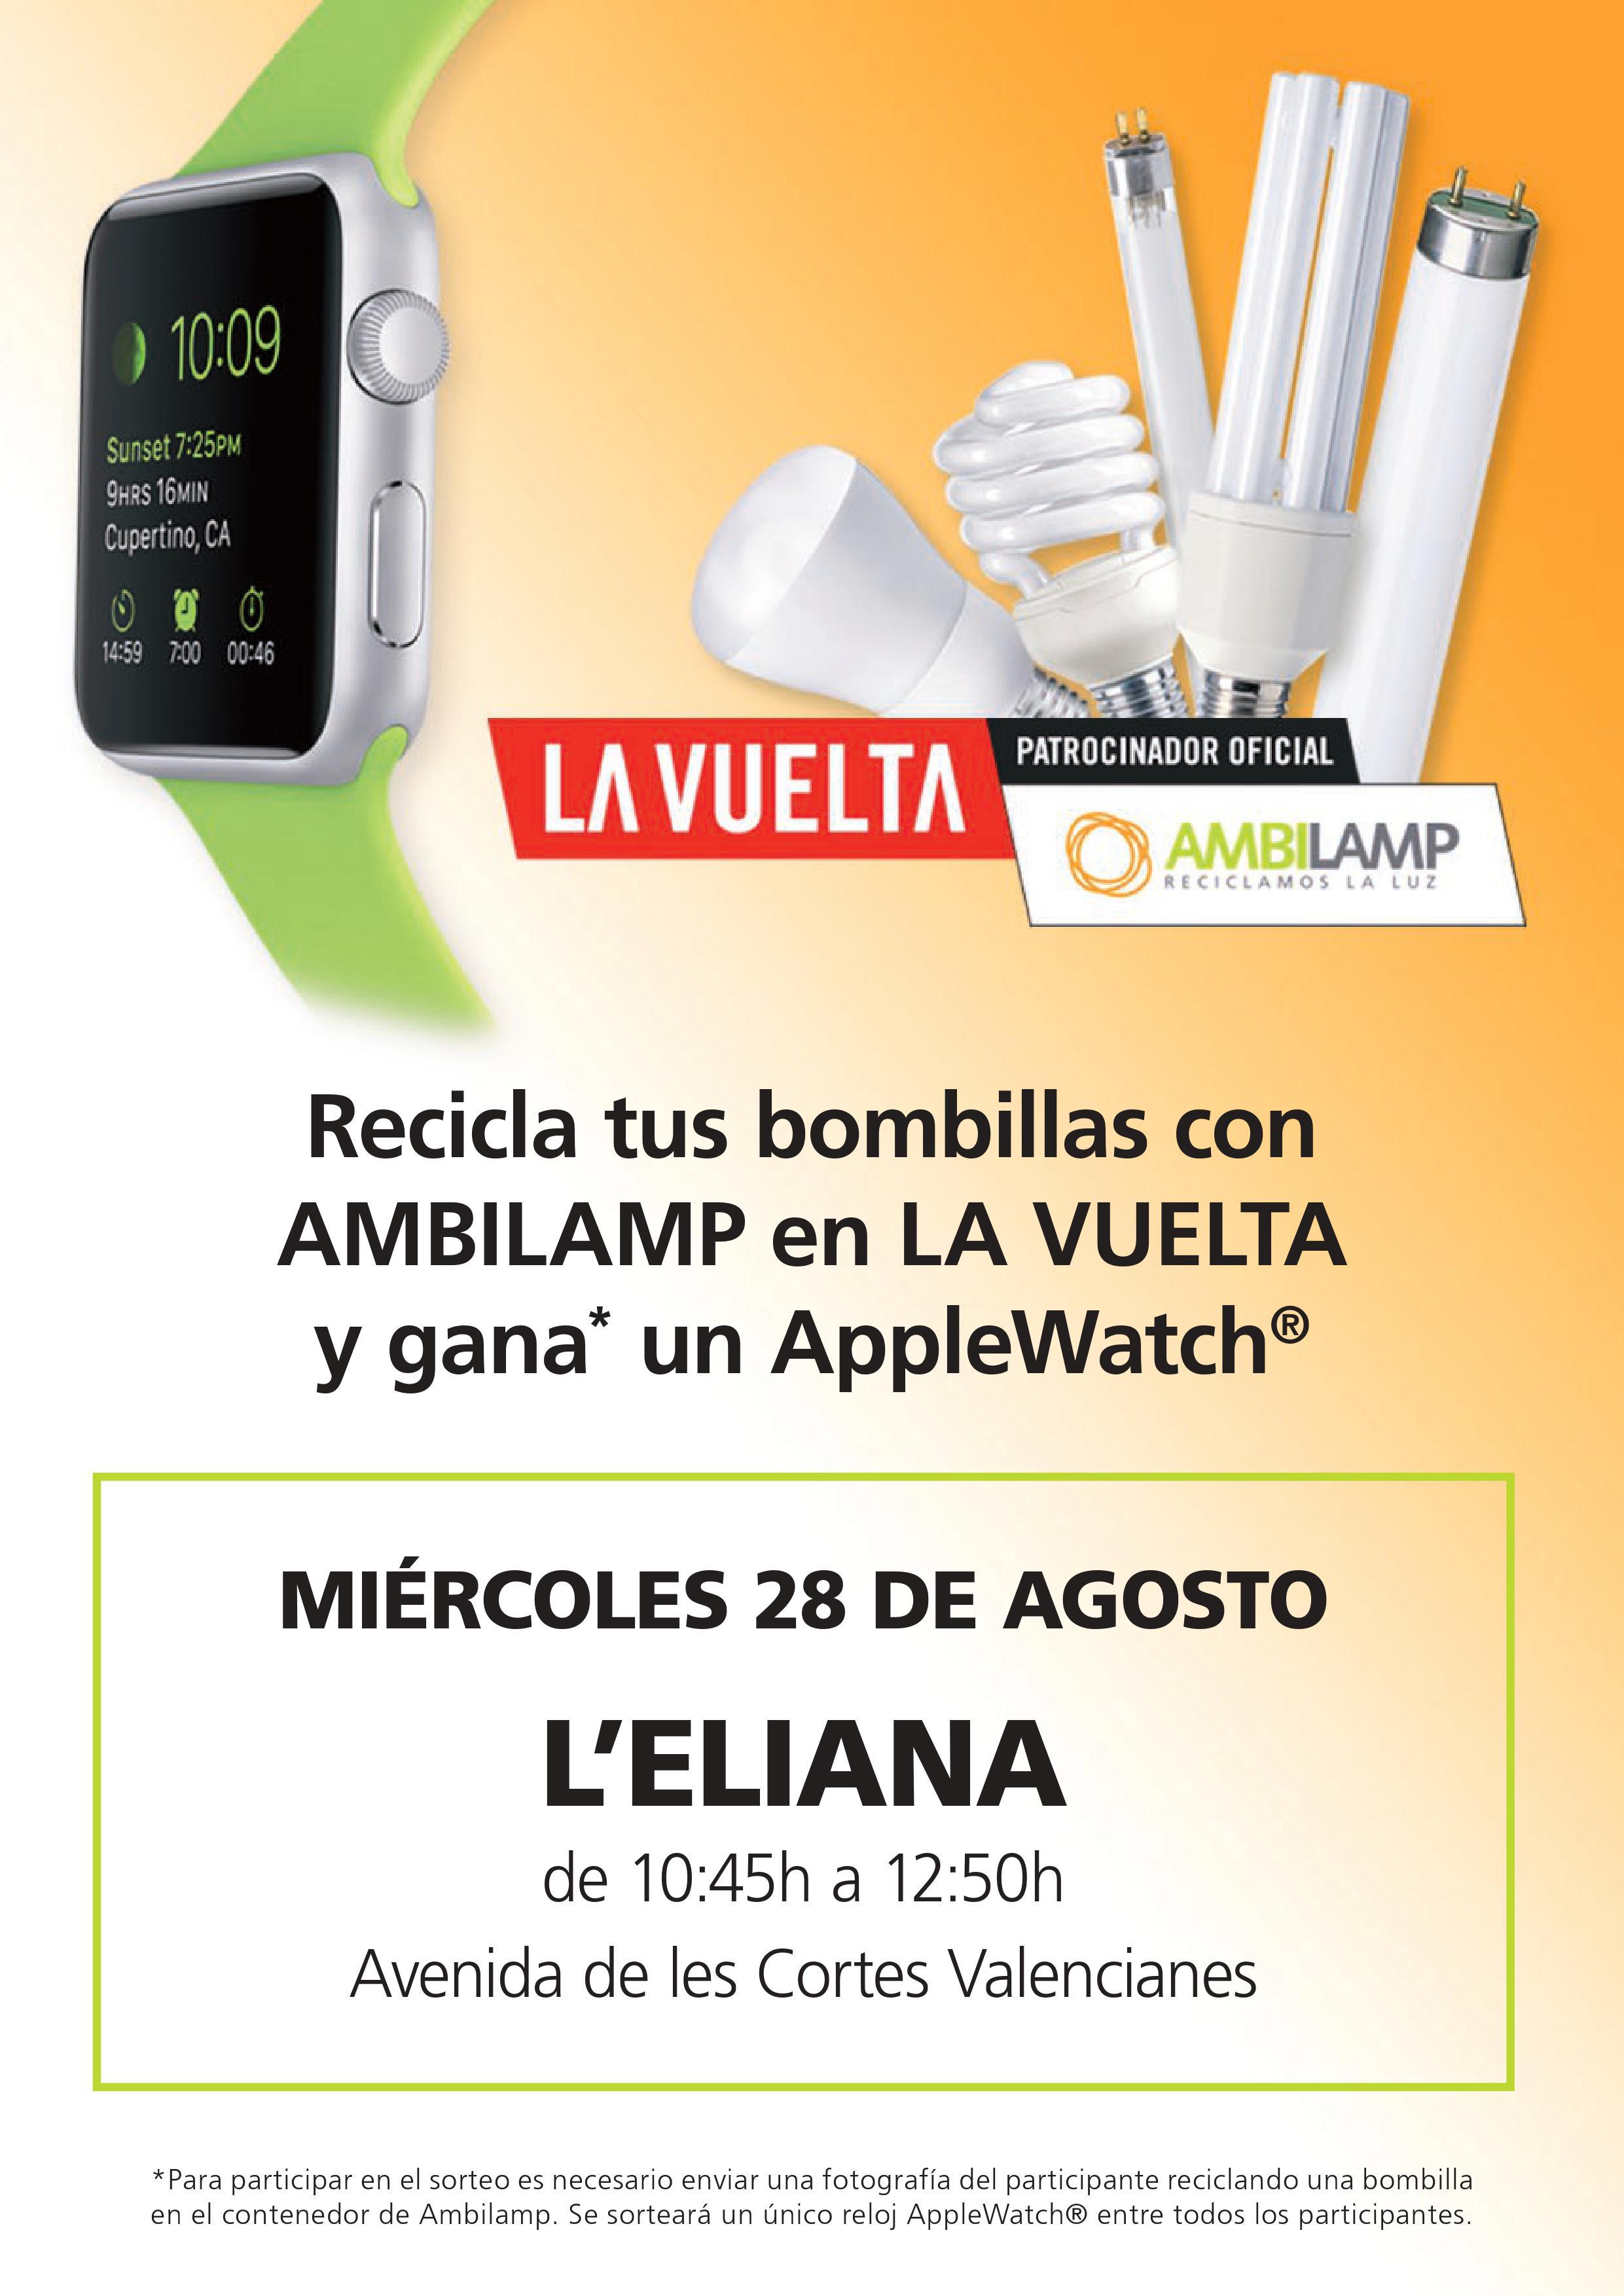 Los ciudadanos y ciudadanas que lleven bombillas o fluorescentes fundidos al stand de Ambilamp recibirán un regalo seguro y participarán en el sorteo de un reloj AppleWatch